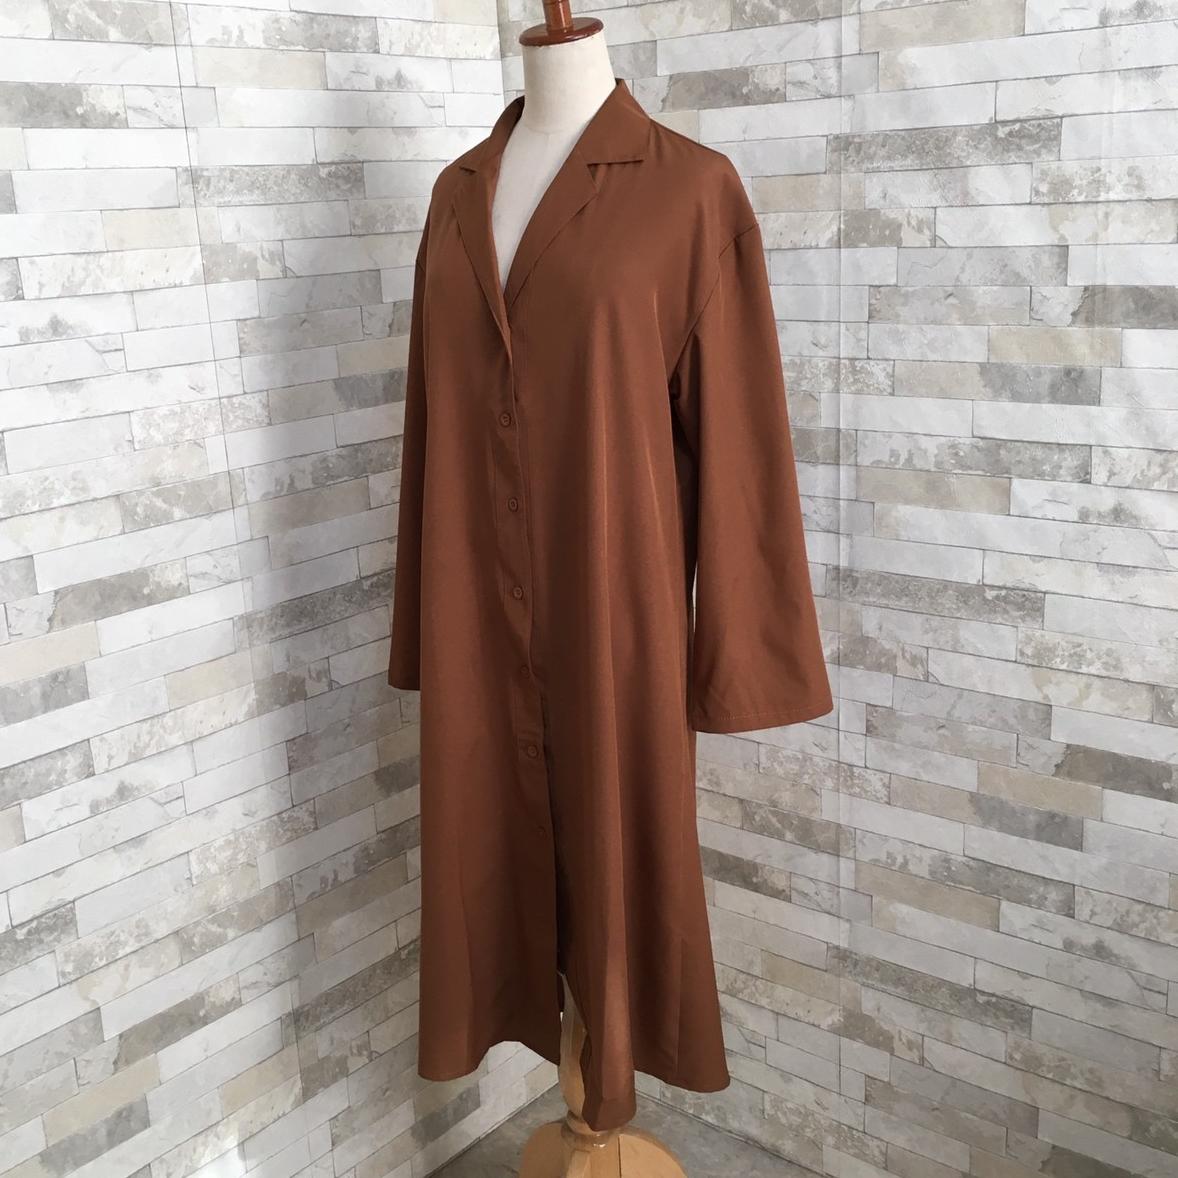 韓国 ファッション ワンピース 春 秋 冬 カジュアル PTXH835  テーラード 七分袖 ゆったり オフィス 休日 オルチャン シンプル 定番 セレカジの写真12枚目